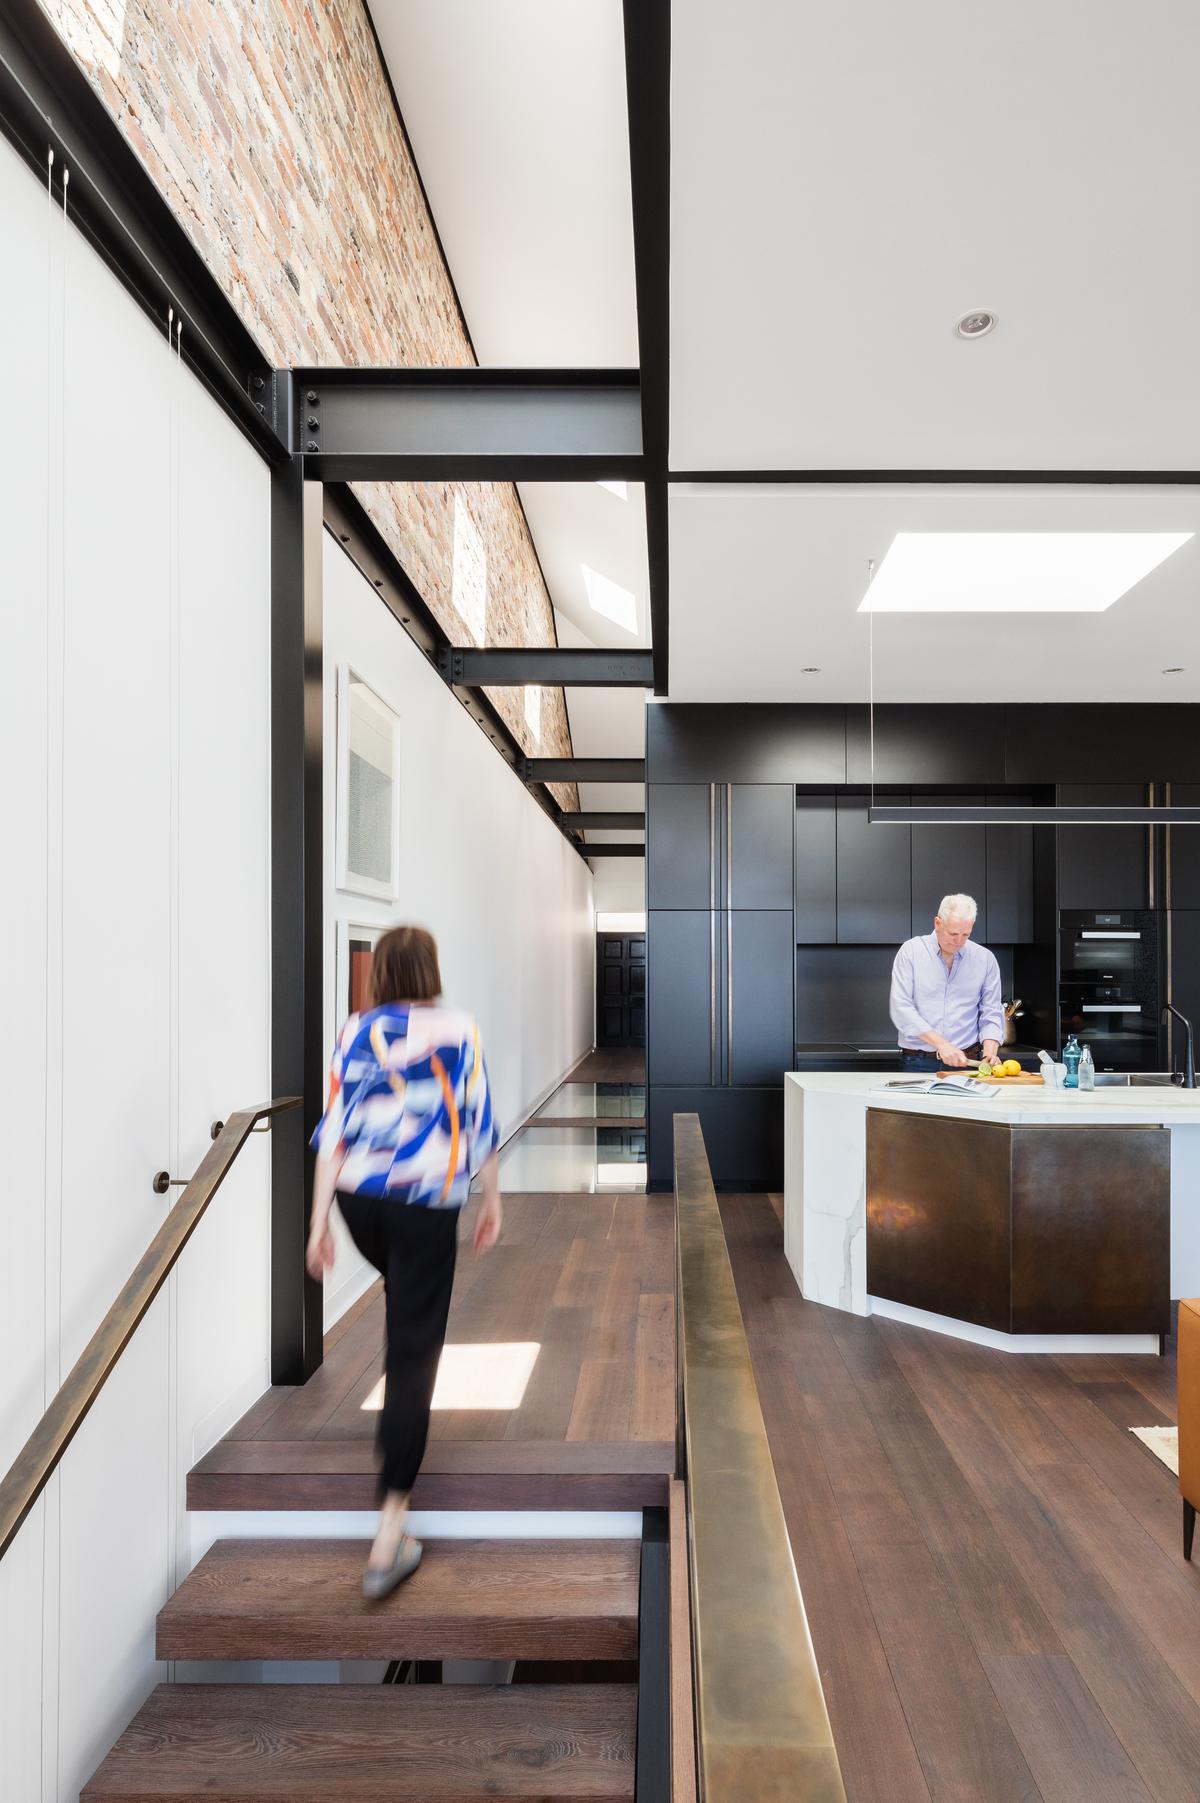 Doorzien House / Bijl Architecture